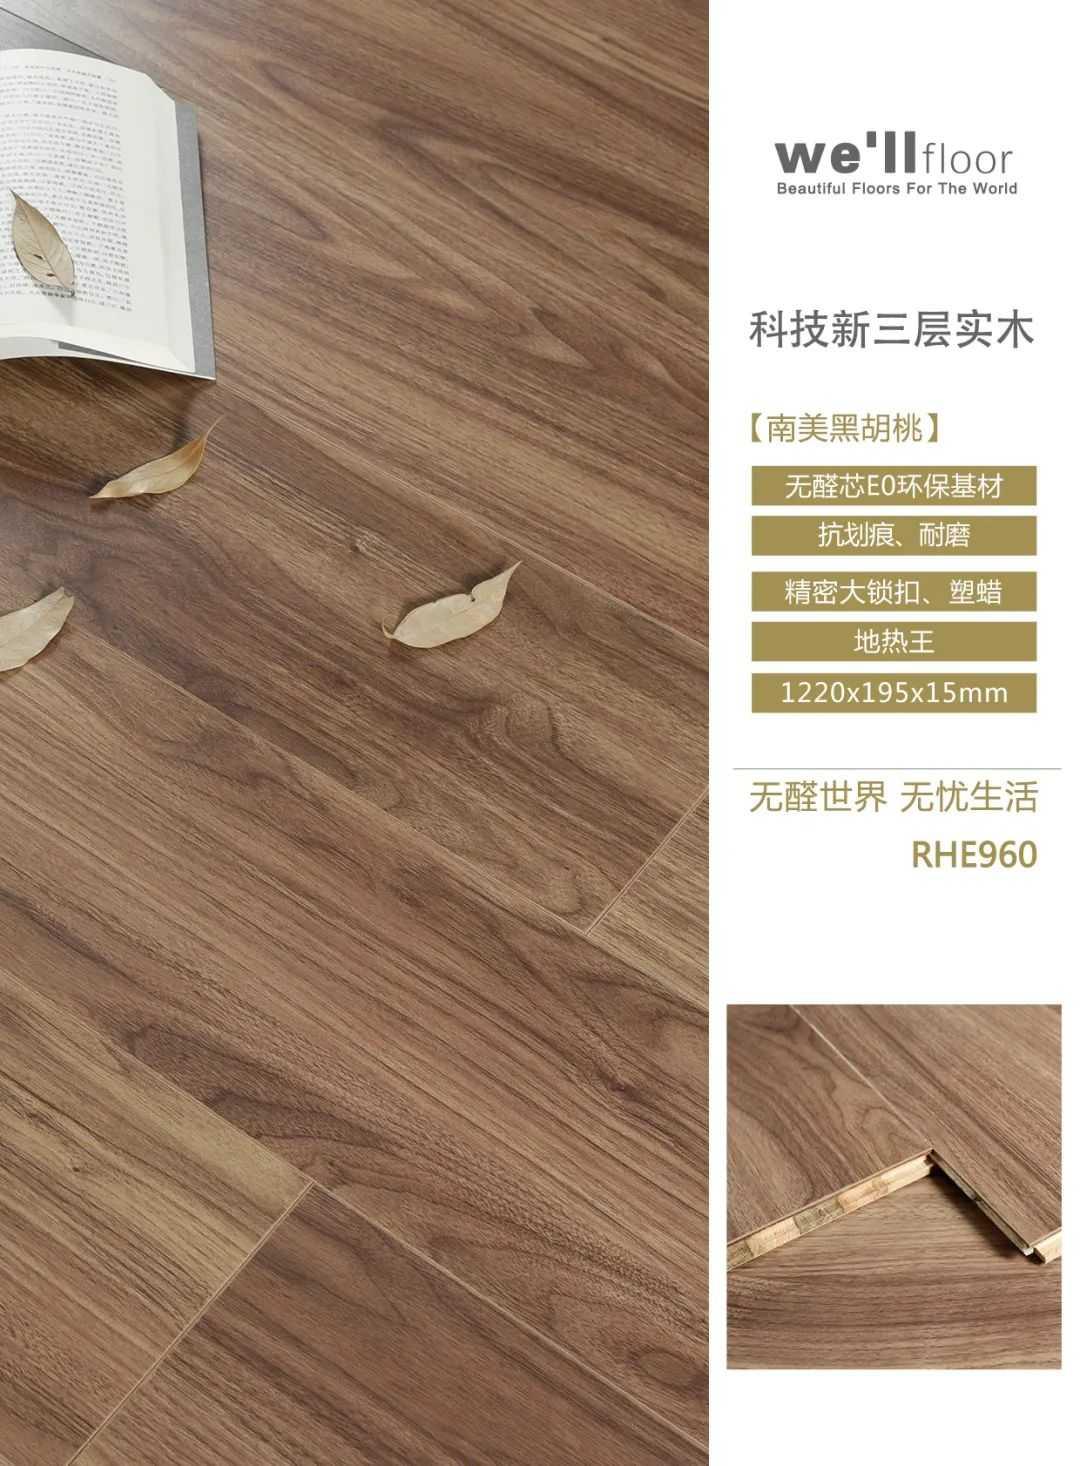 惠尔地板-新三层实木地板、强化木地板产品图片_1